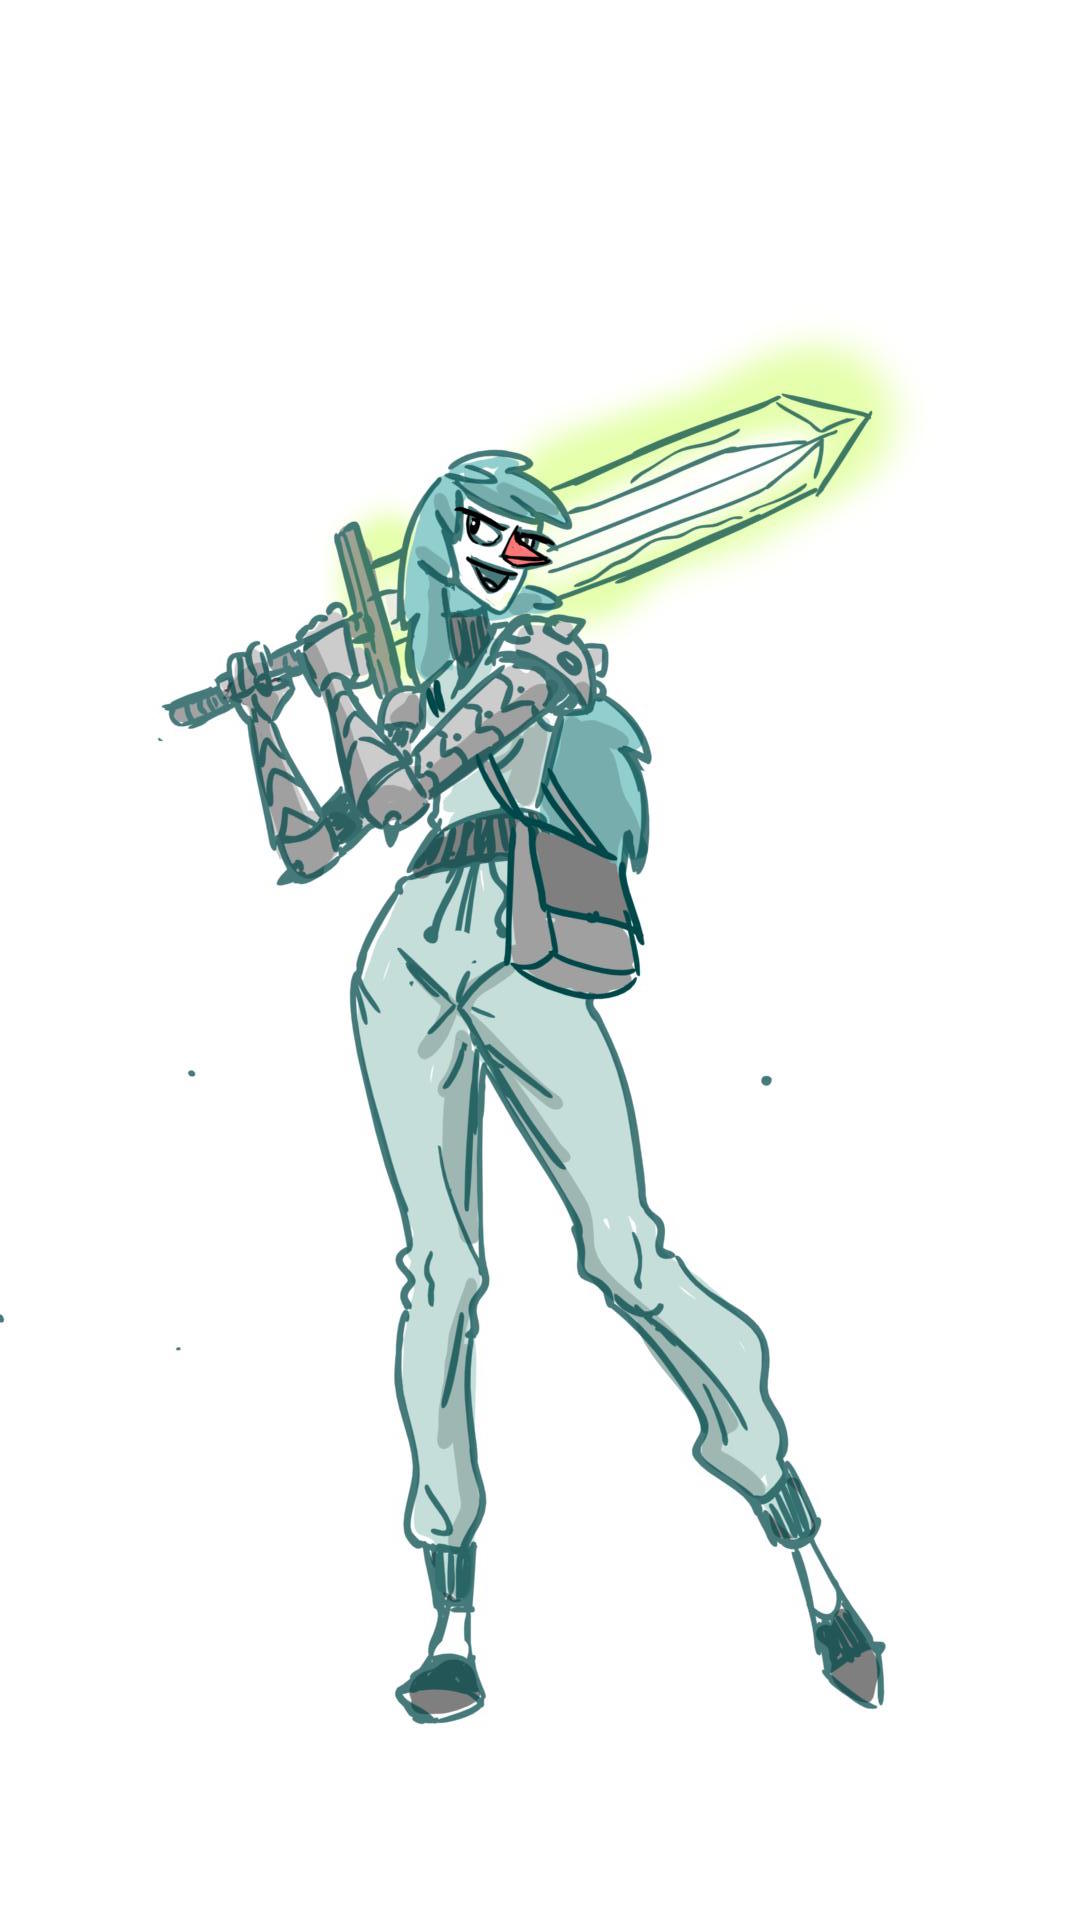 Mint Sword